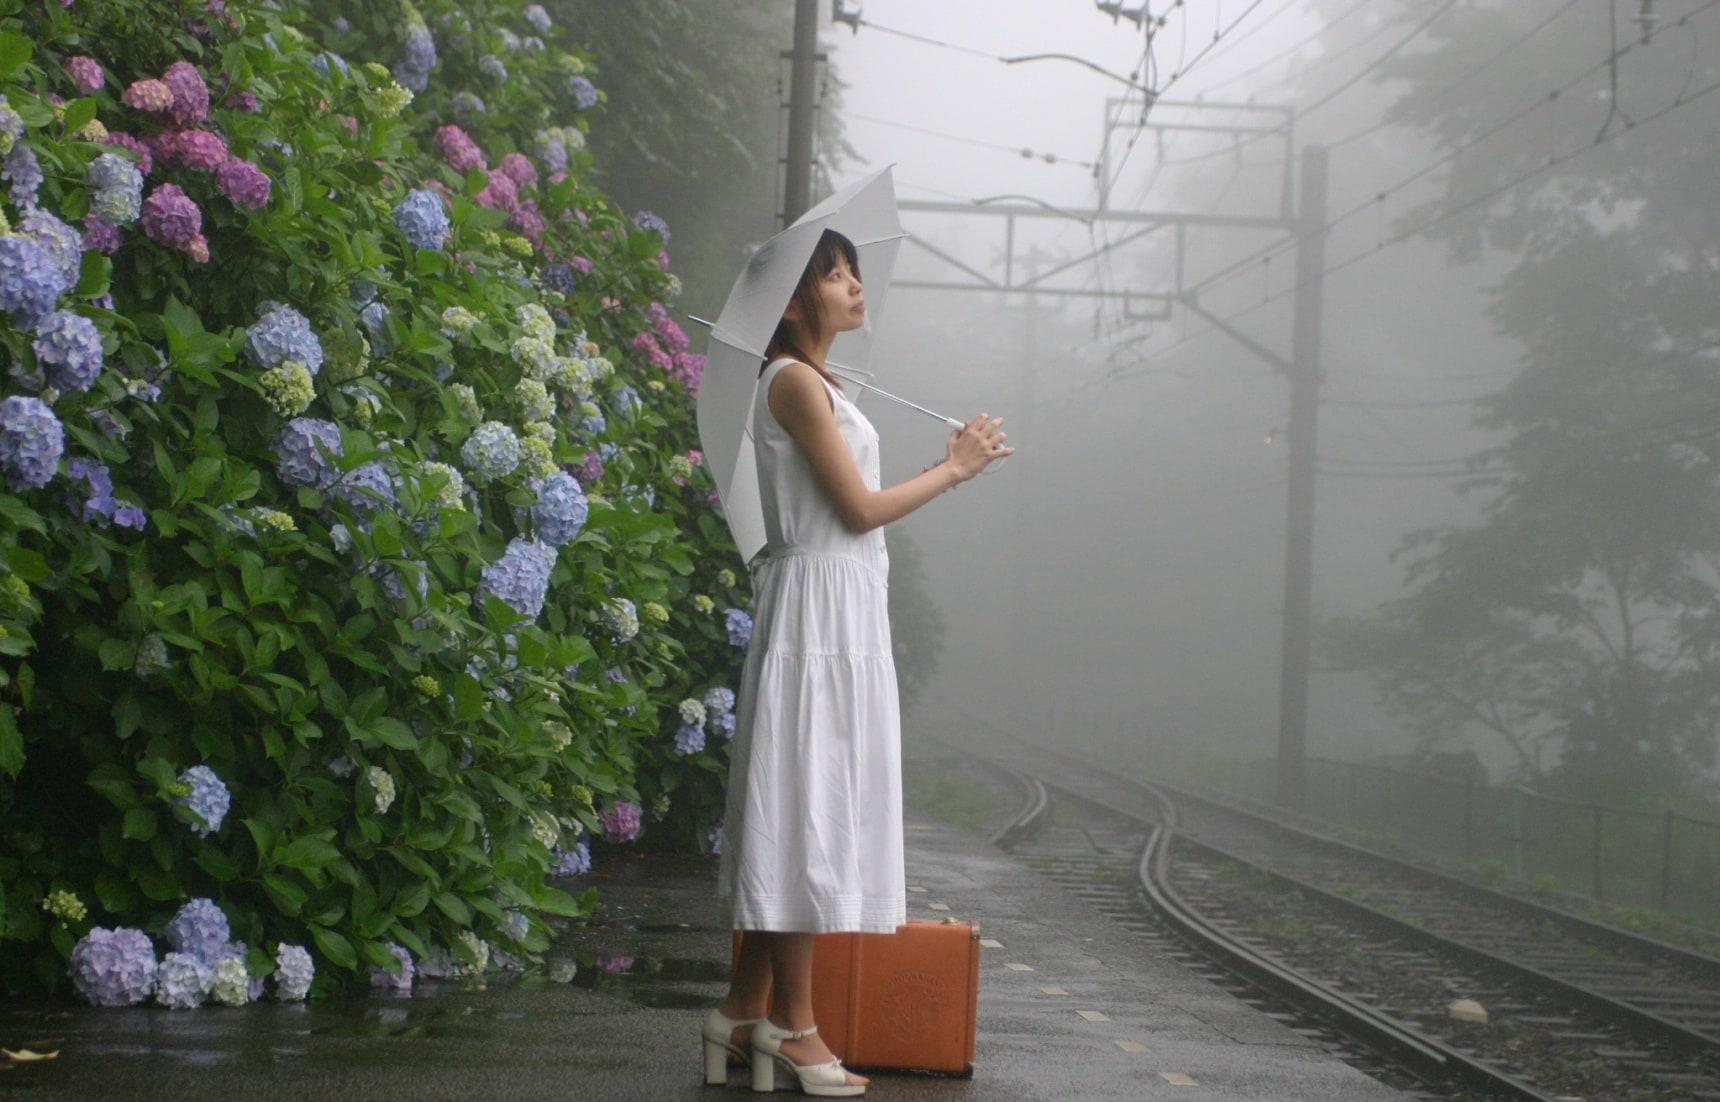 รู้รอบเรื่องหน้าฝนญี่ปุ่น